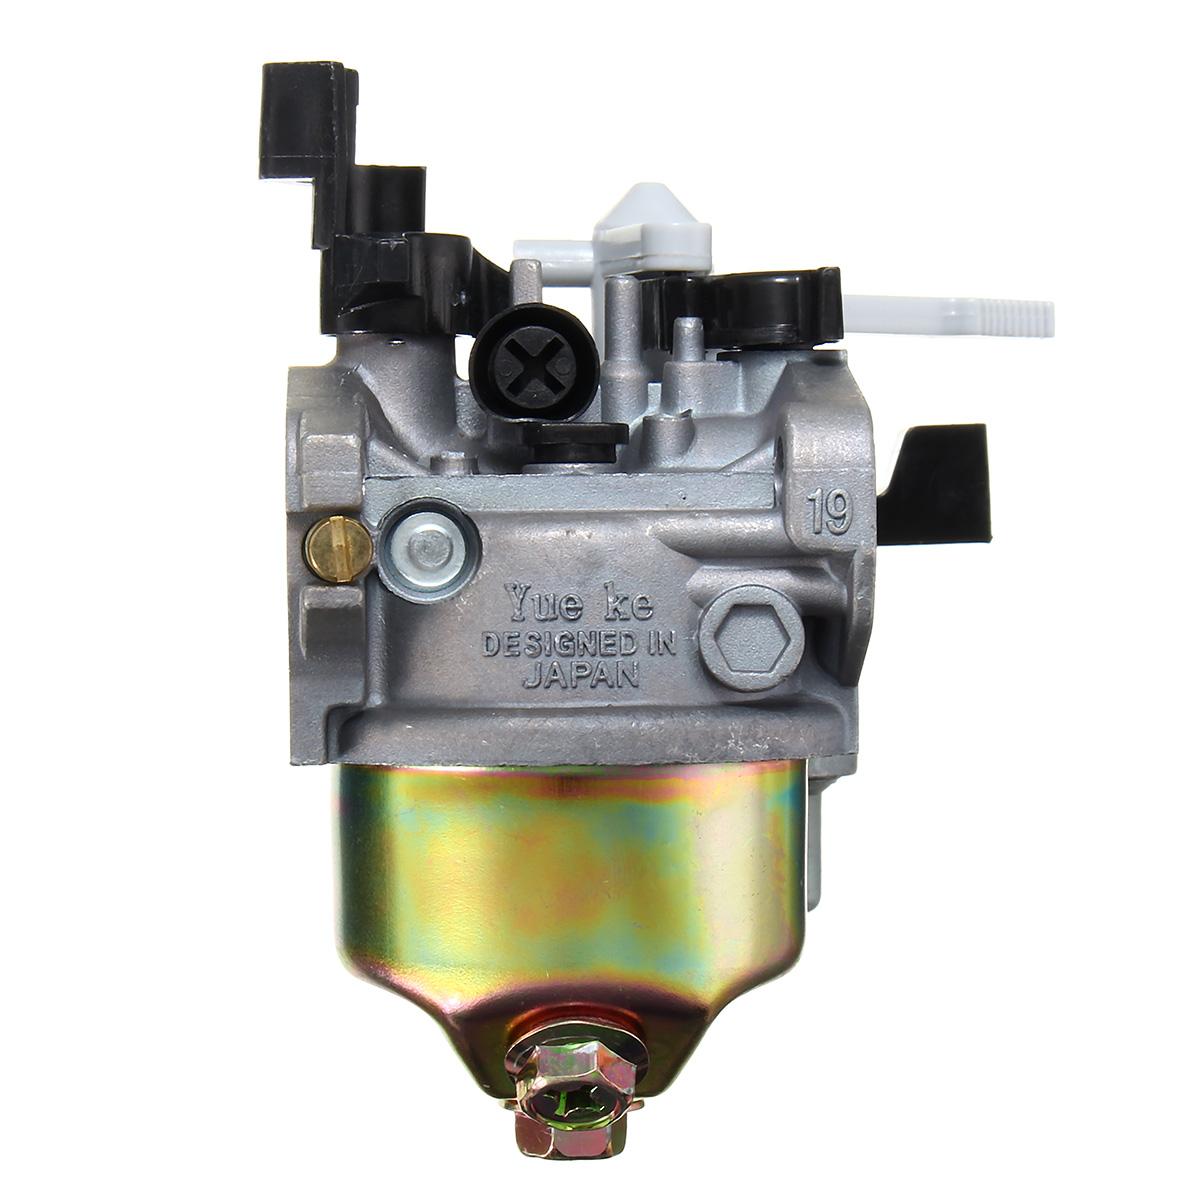 Прокладка фильтра карбюратора Масло Труба Набор Для Honda GX160 5.5HP GX200 16100-ZH8-W61 - фото 6